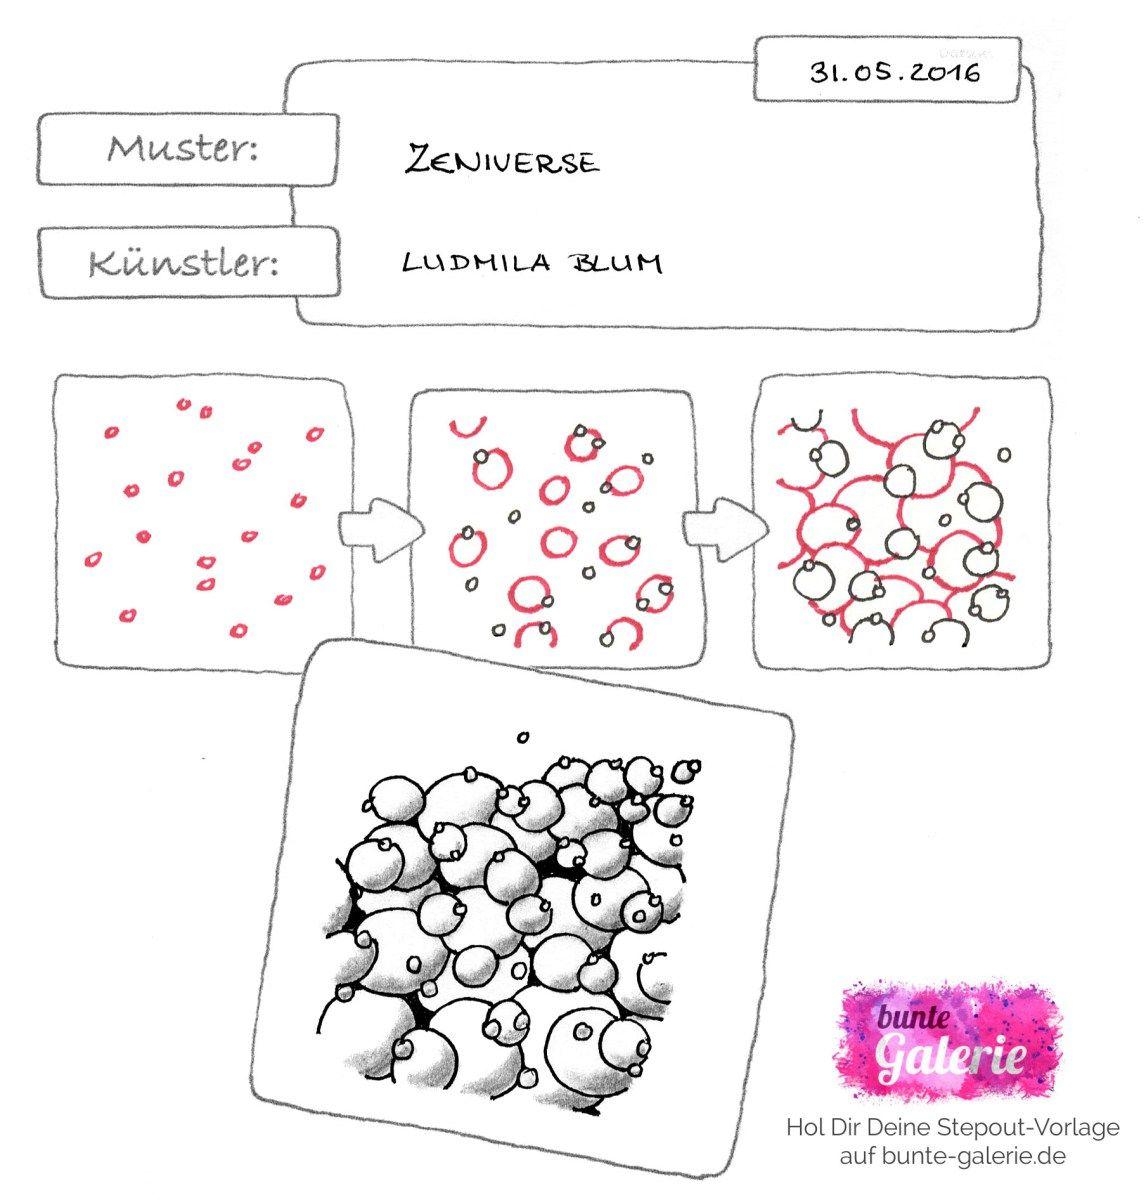 Zeniverse von Ludmila Blum | Zentangle patterns and inspiration ...